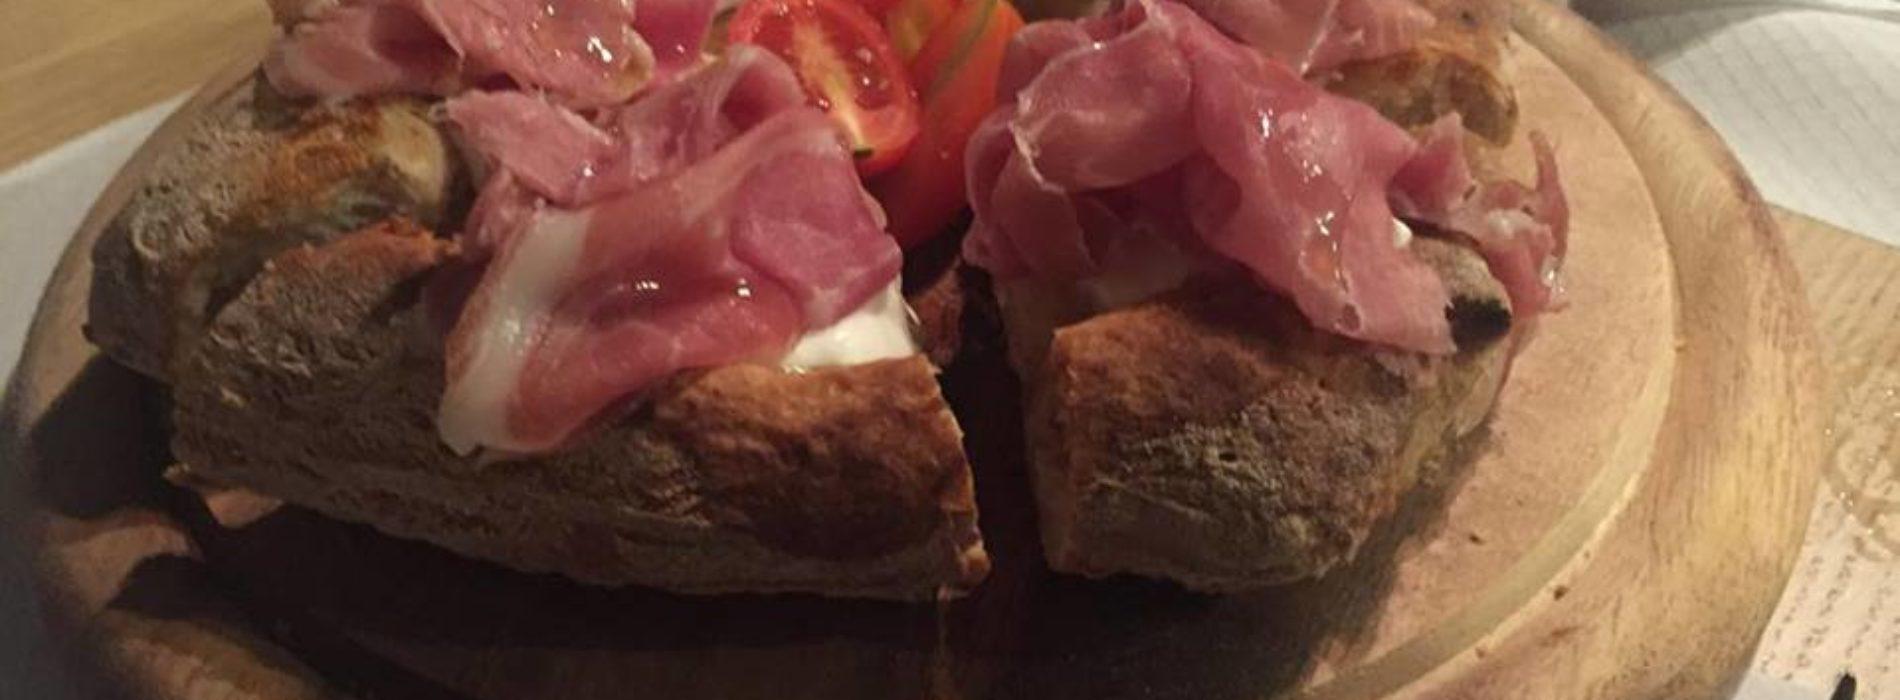 Garage Pizza & Co Milano, proposte gourmet e drink 'spaziali' in Sempione